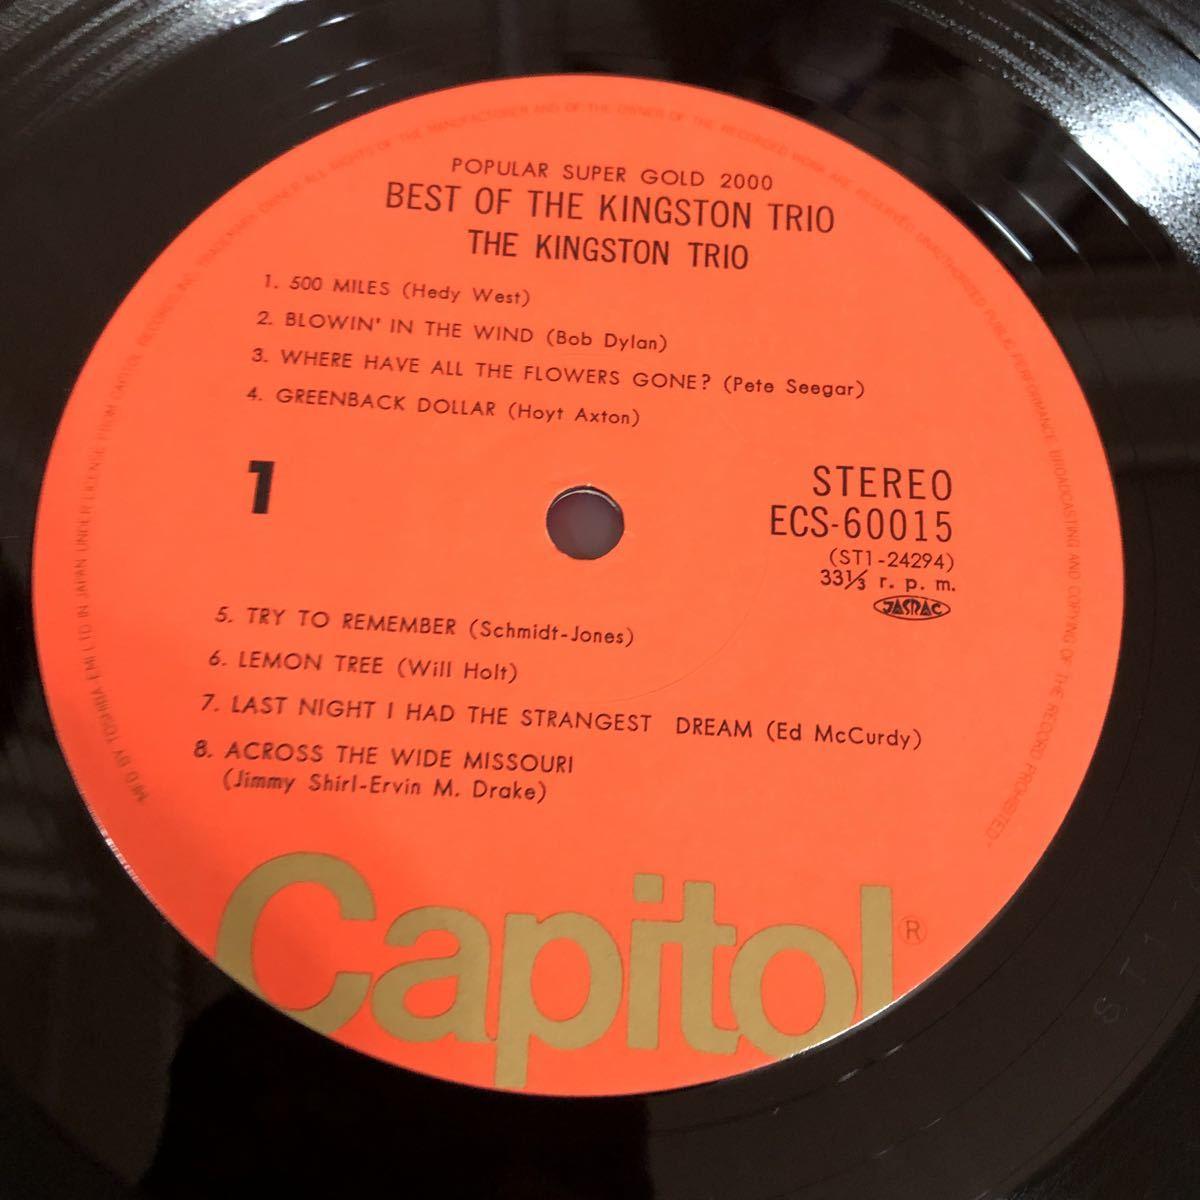 レア盤★LPレコード★THE KINGSTON TRIO ★フォークの王者キングストン・トリオのすべて★レコード多数出品中_画像4